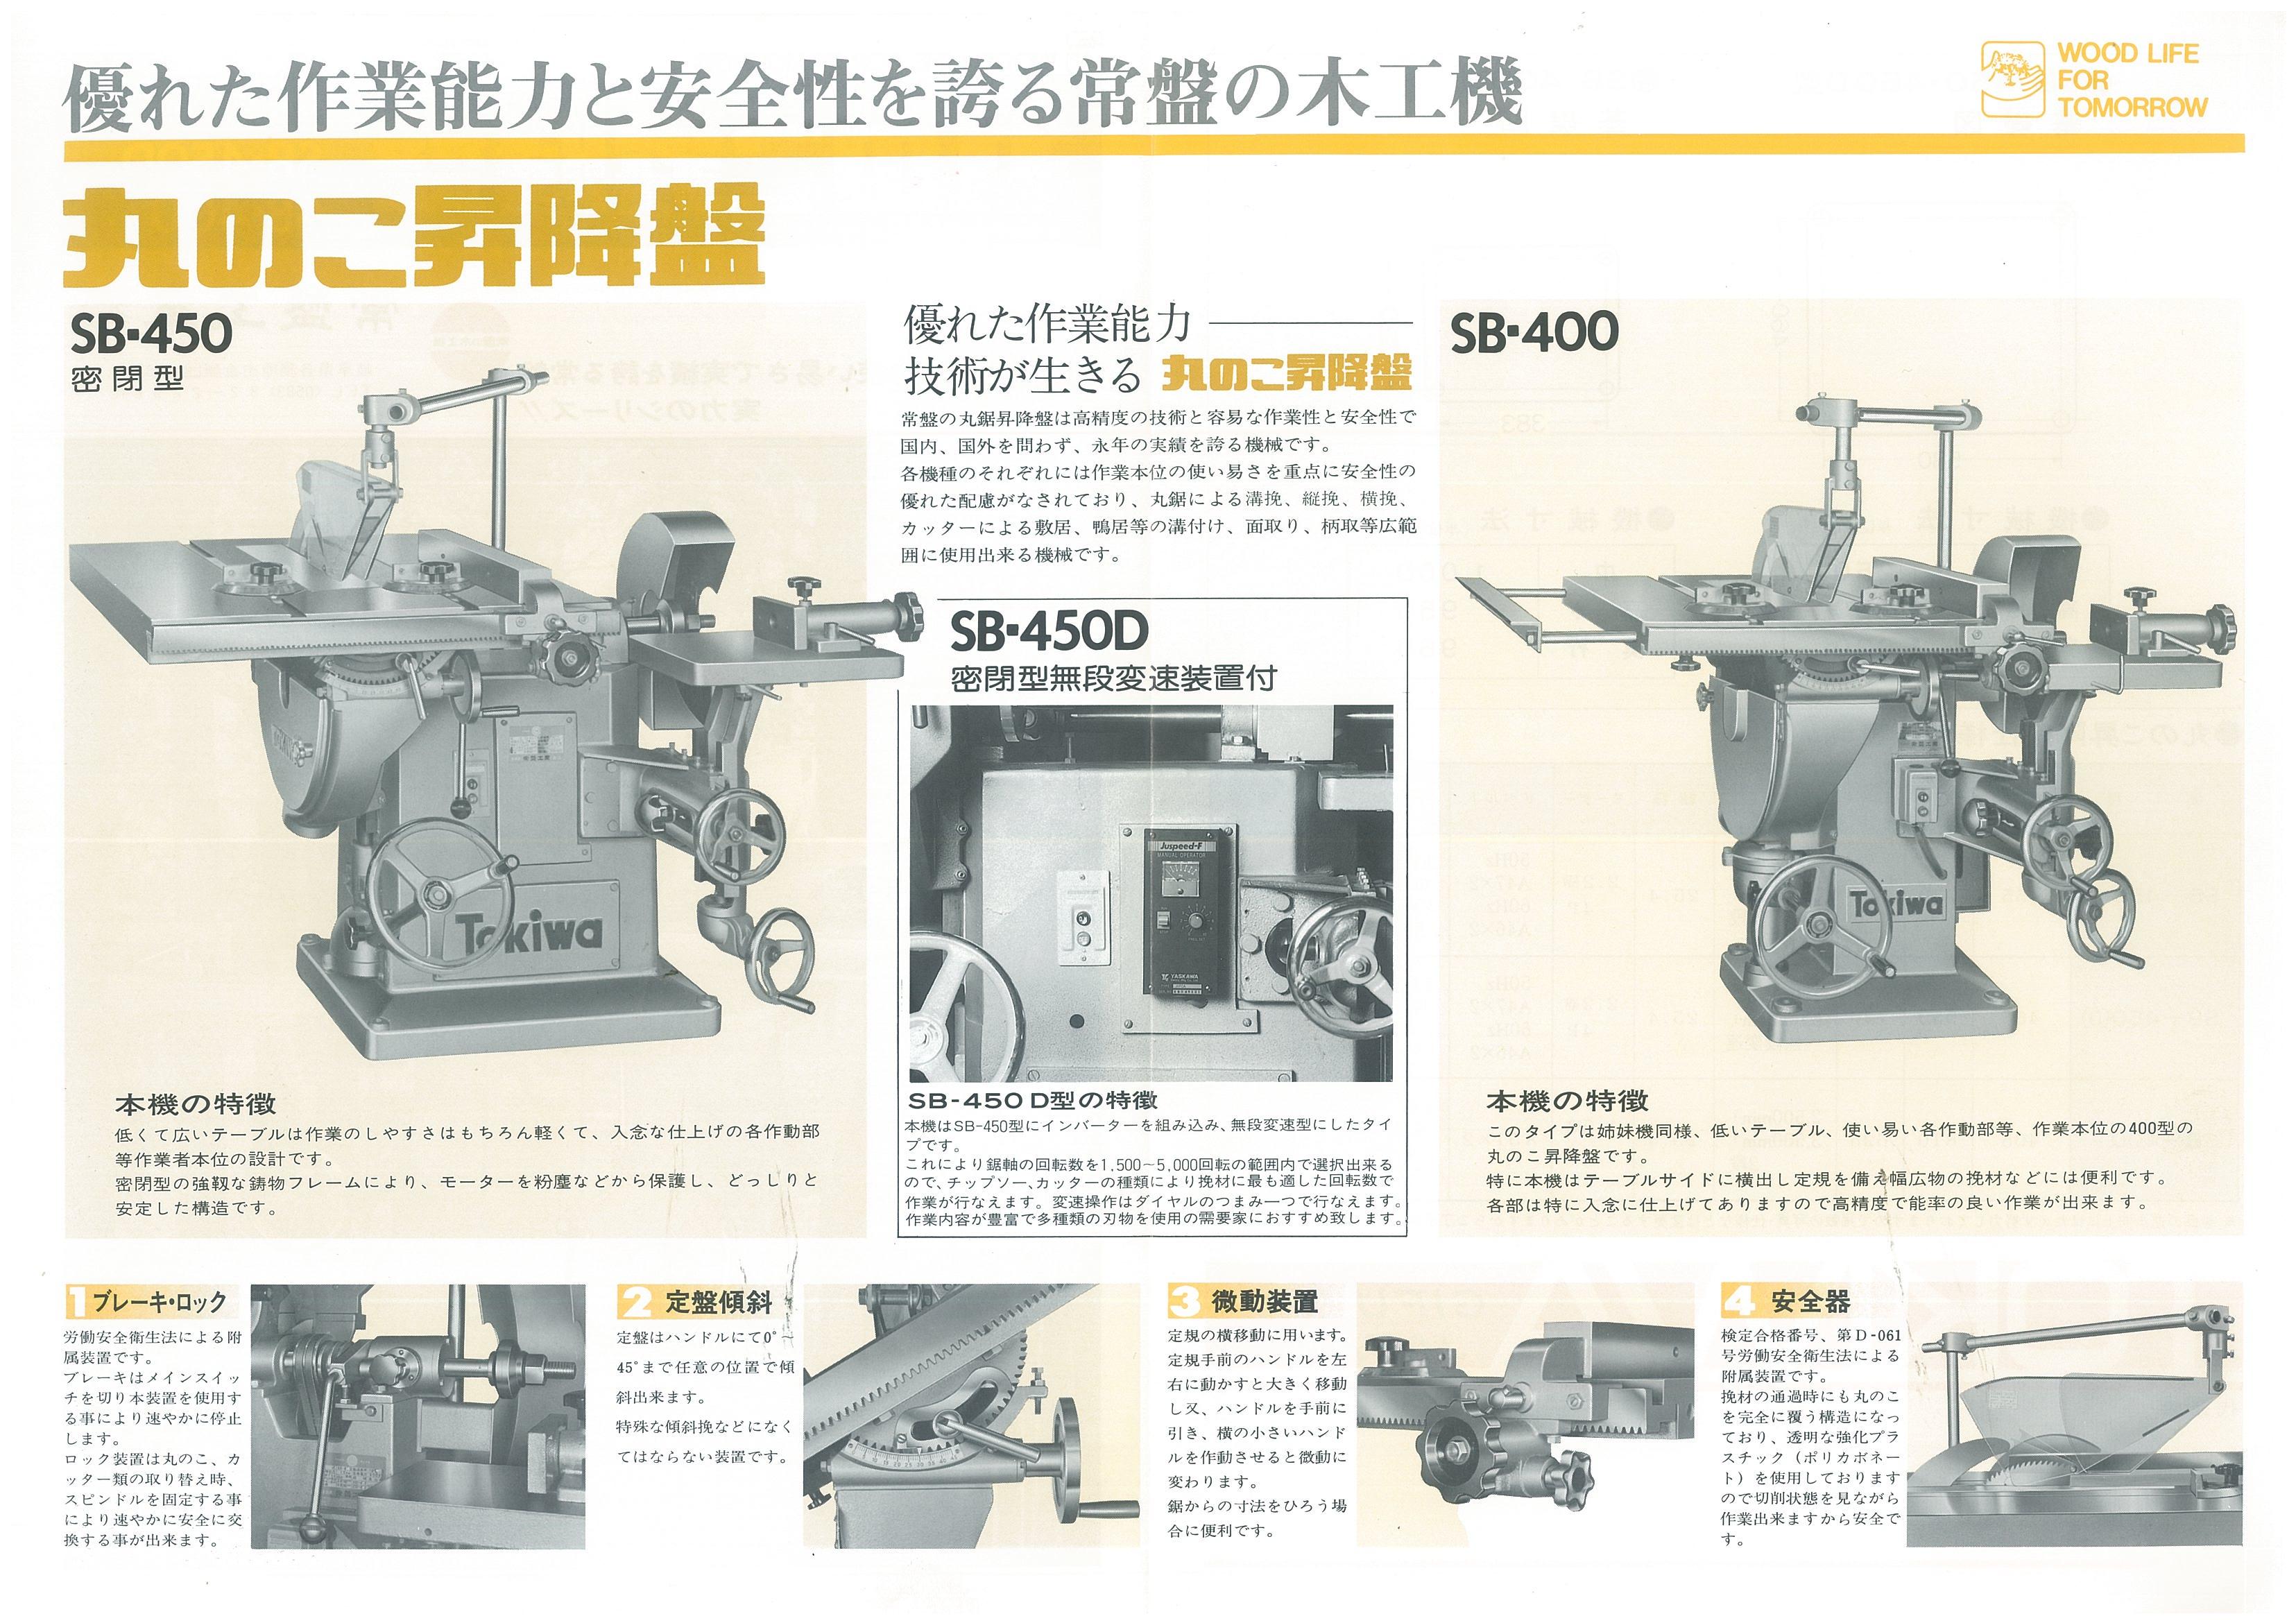 中古木工機械 昇降盤